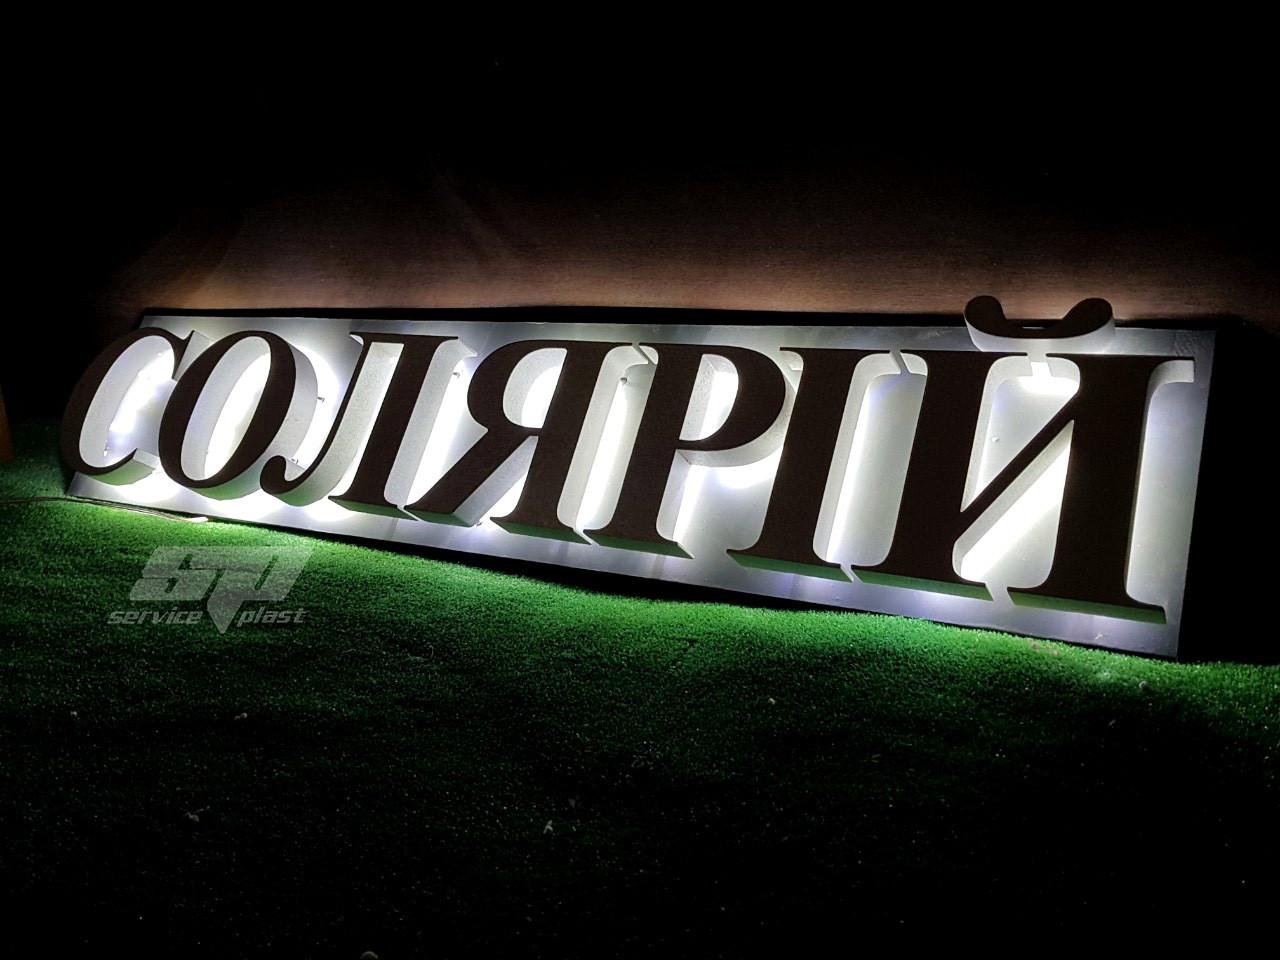 Наружная реклама с контражурной подсветкой, вывеска, буквы из пенопласта, логотип